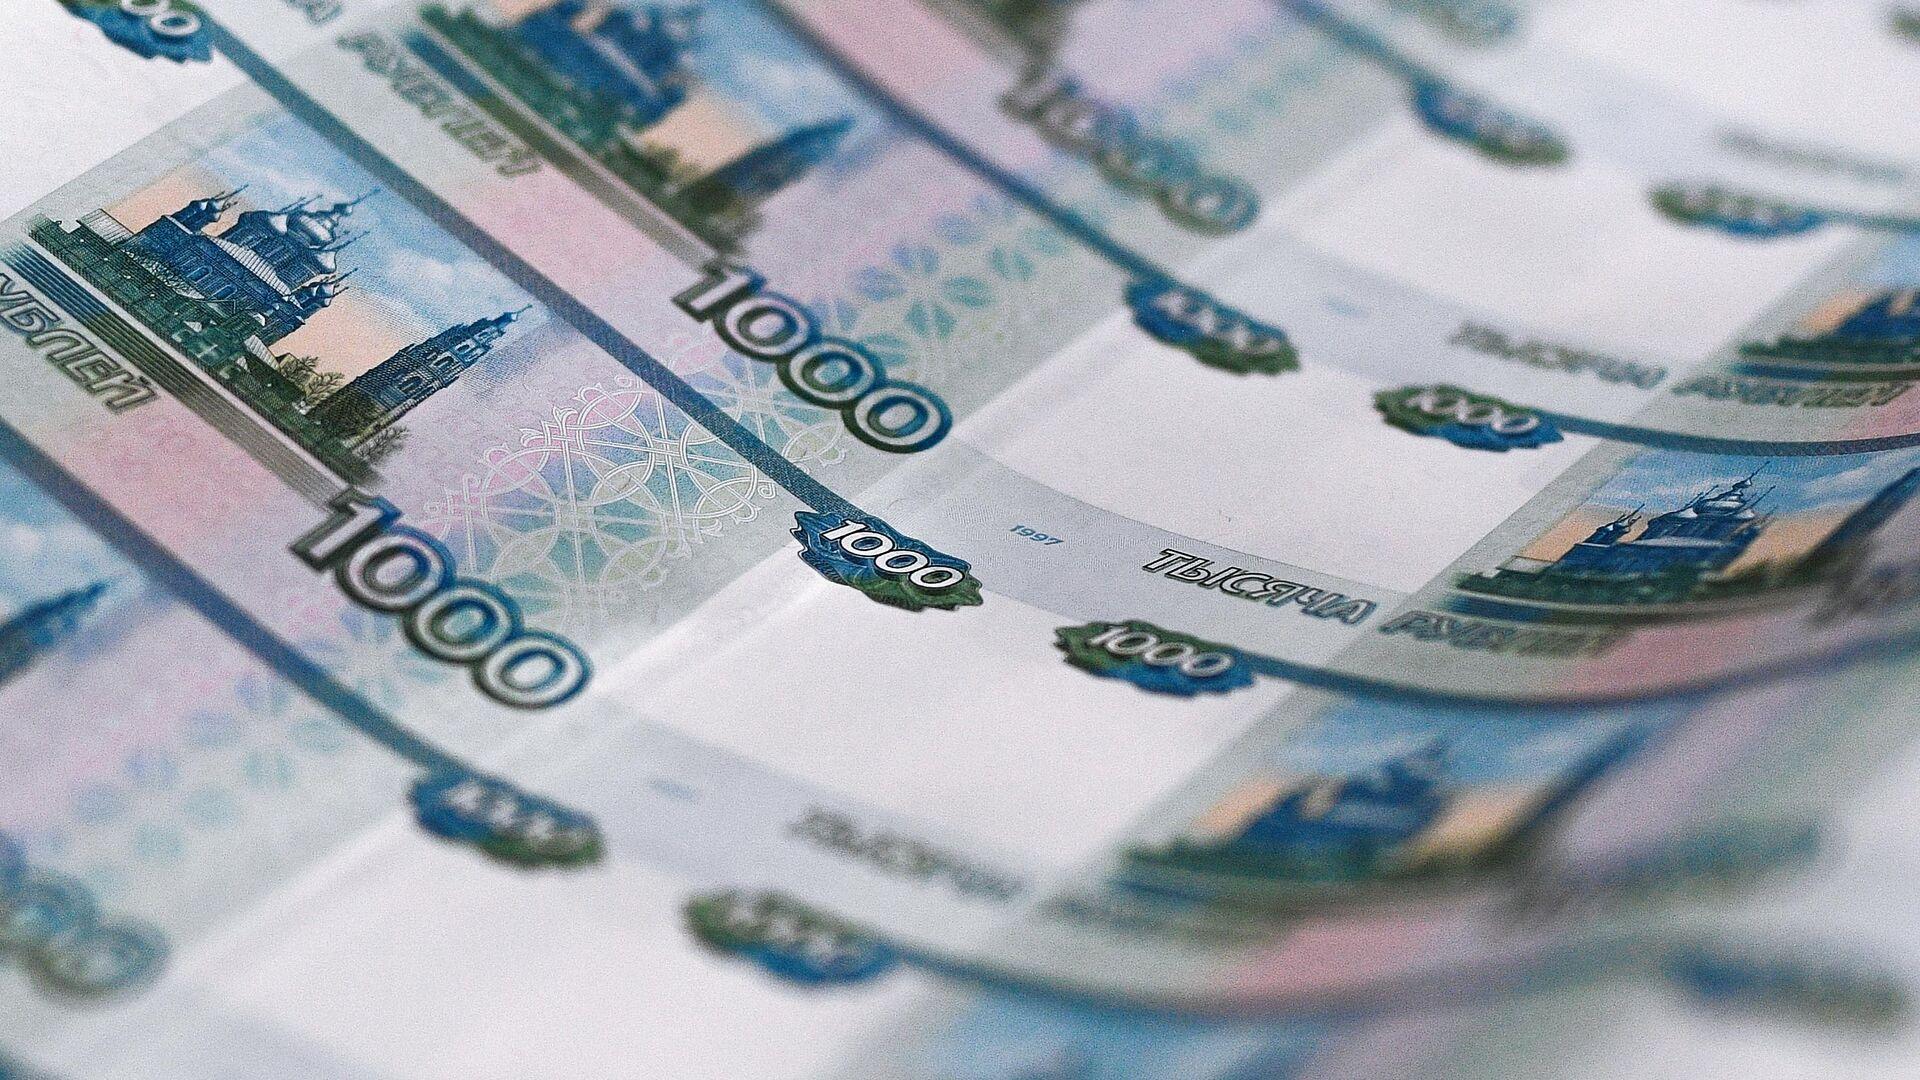 Листы с денежными купюрами - РИА Новости, 1920, 17.09.2020